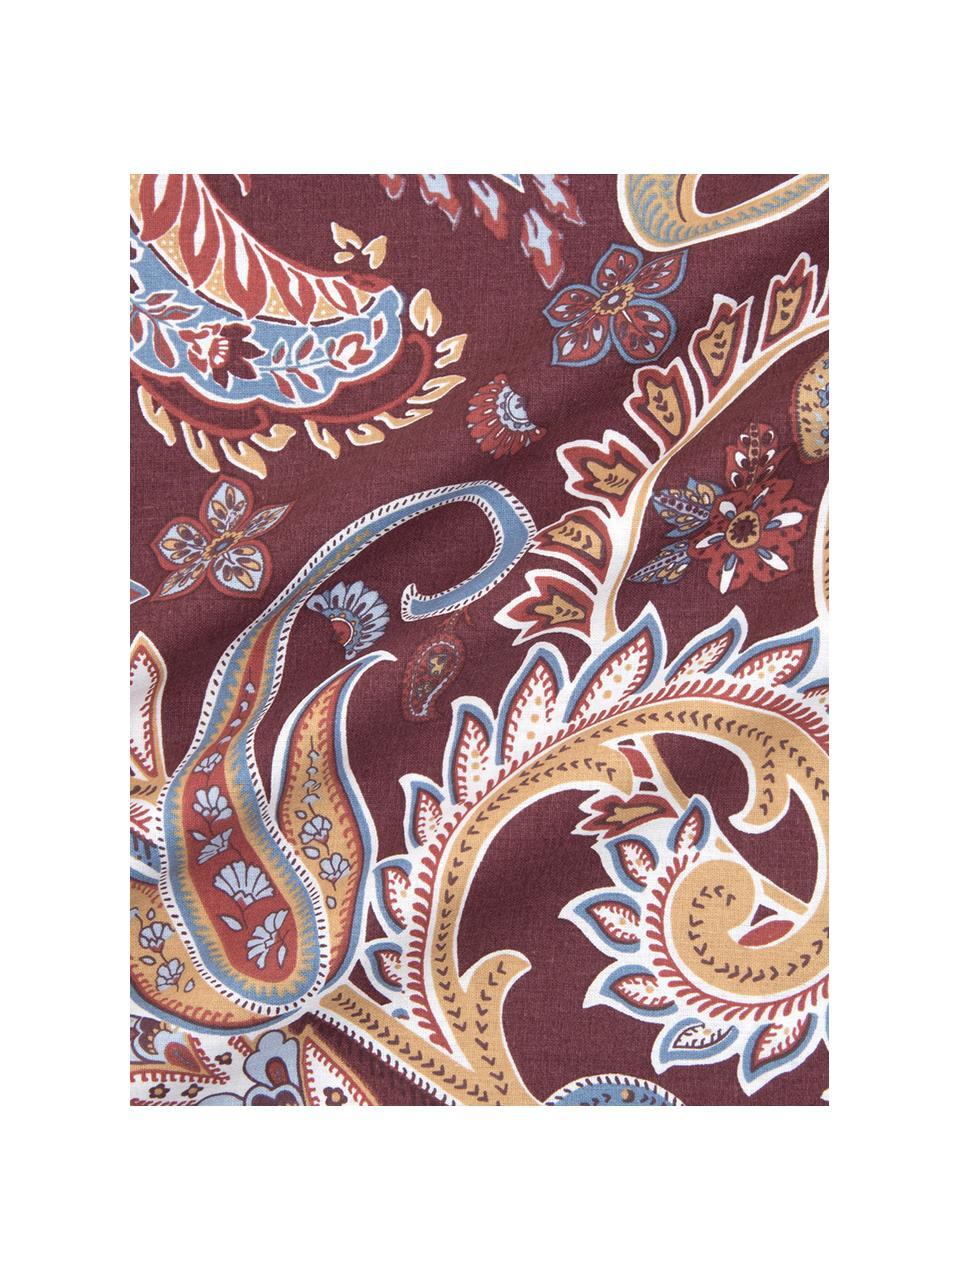 Baumwoll-Bettwäsche Liana in Bordeaux mit Paisley-Muster, Webart: Renforcé Fadendichte 144 , Bordeaux, 240 x 220 cm + 2 Kissen 80 x 80 cm